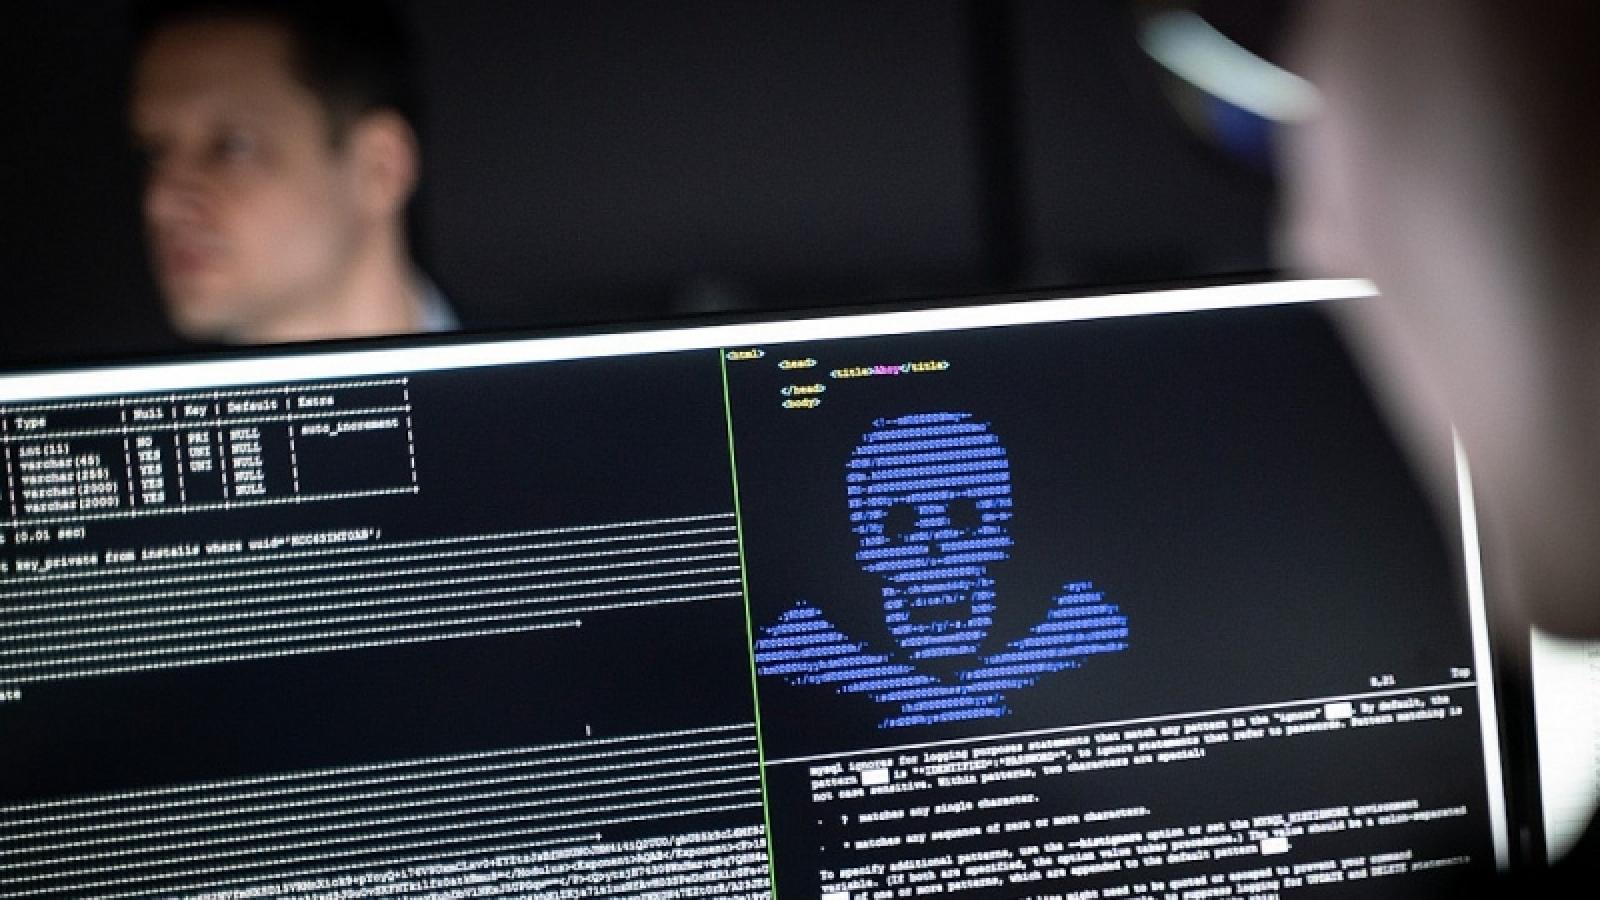 Mỹ kêu gọi Nga hành động nhằm ngăn chặn các cuộc tấn công mạng đòi tiền chuộc